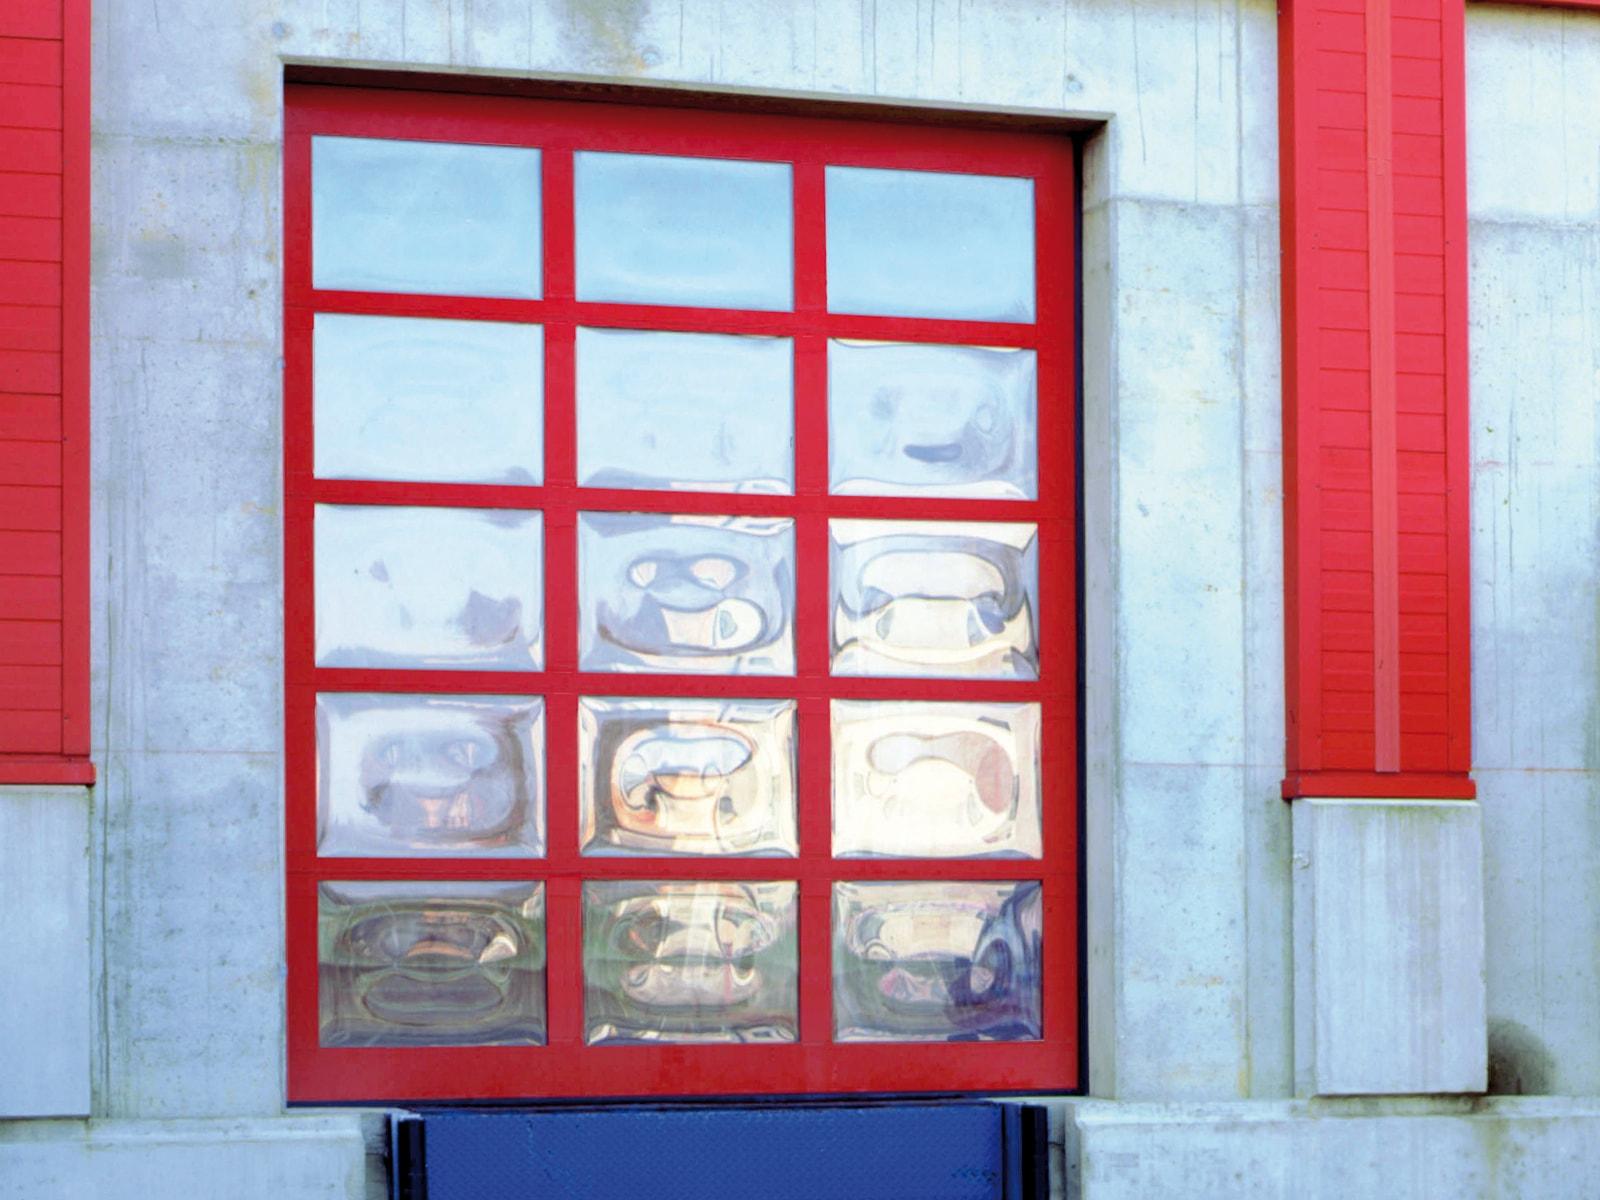 Portone sezionale vetrato FULL VISION - Rosso RAL 3000